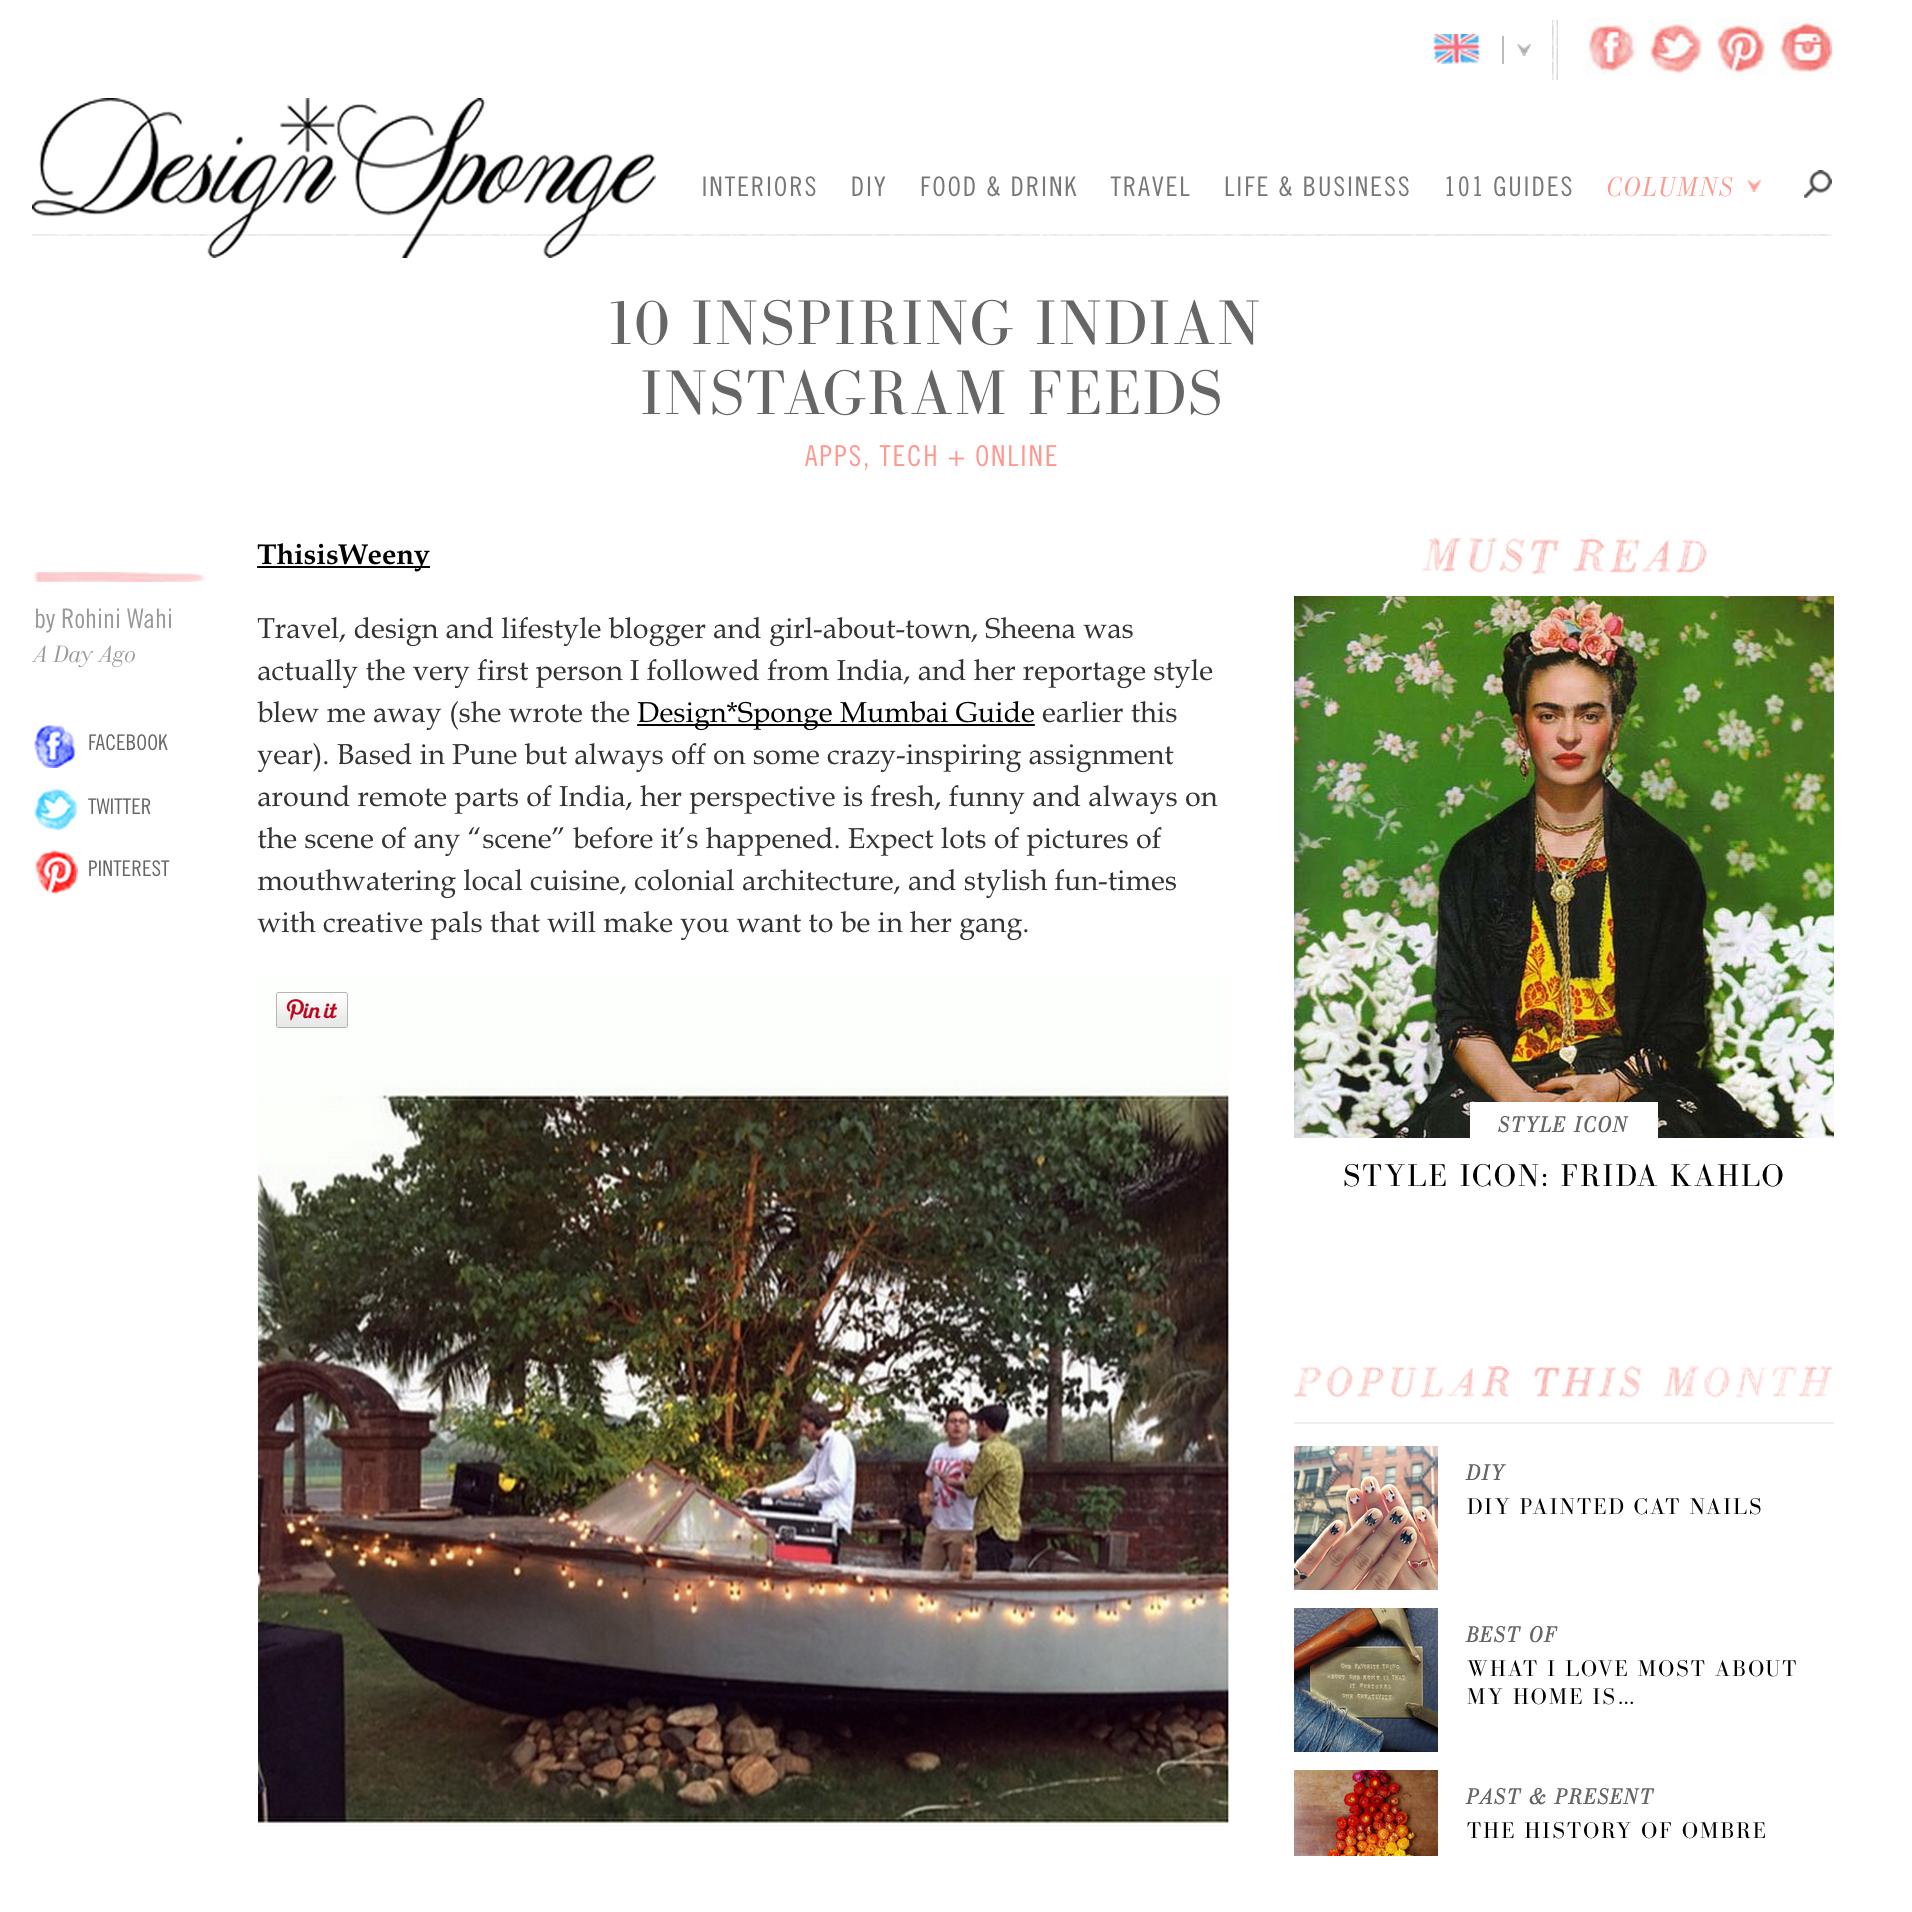 designsponge inspiring instagram 1.jpg